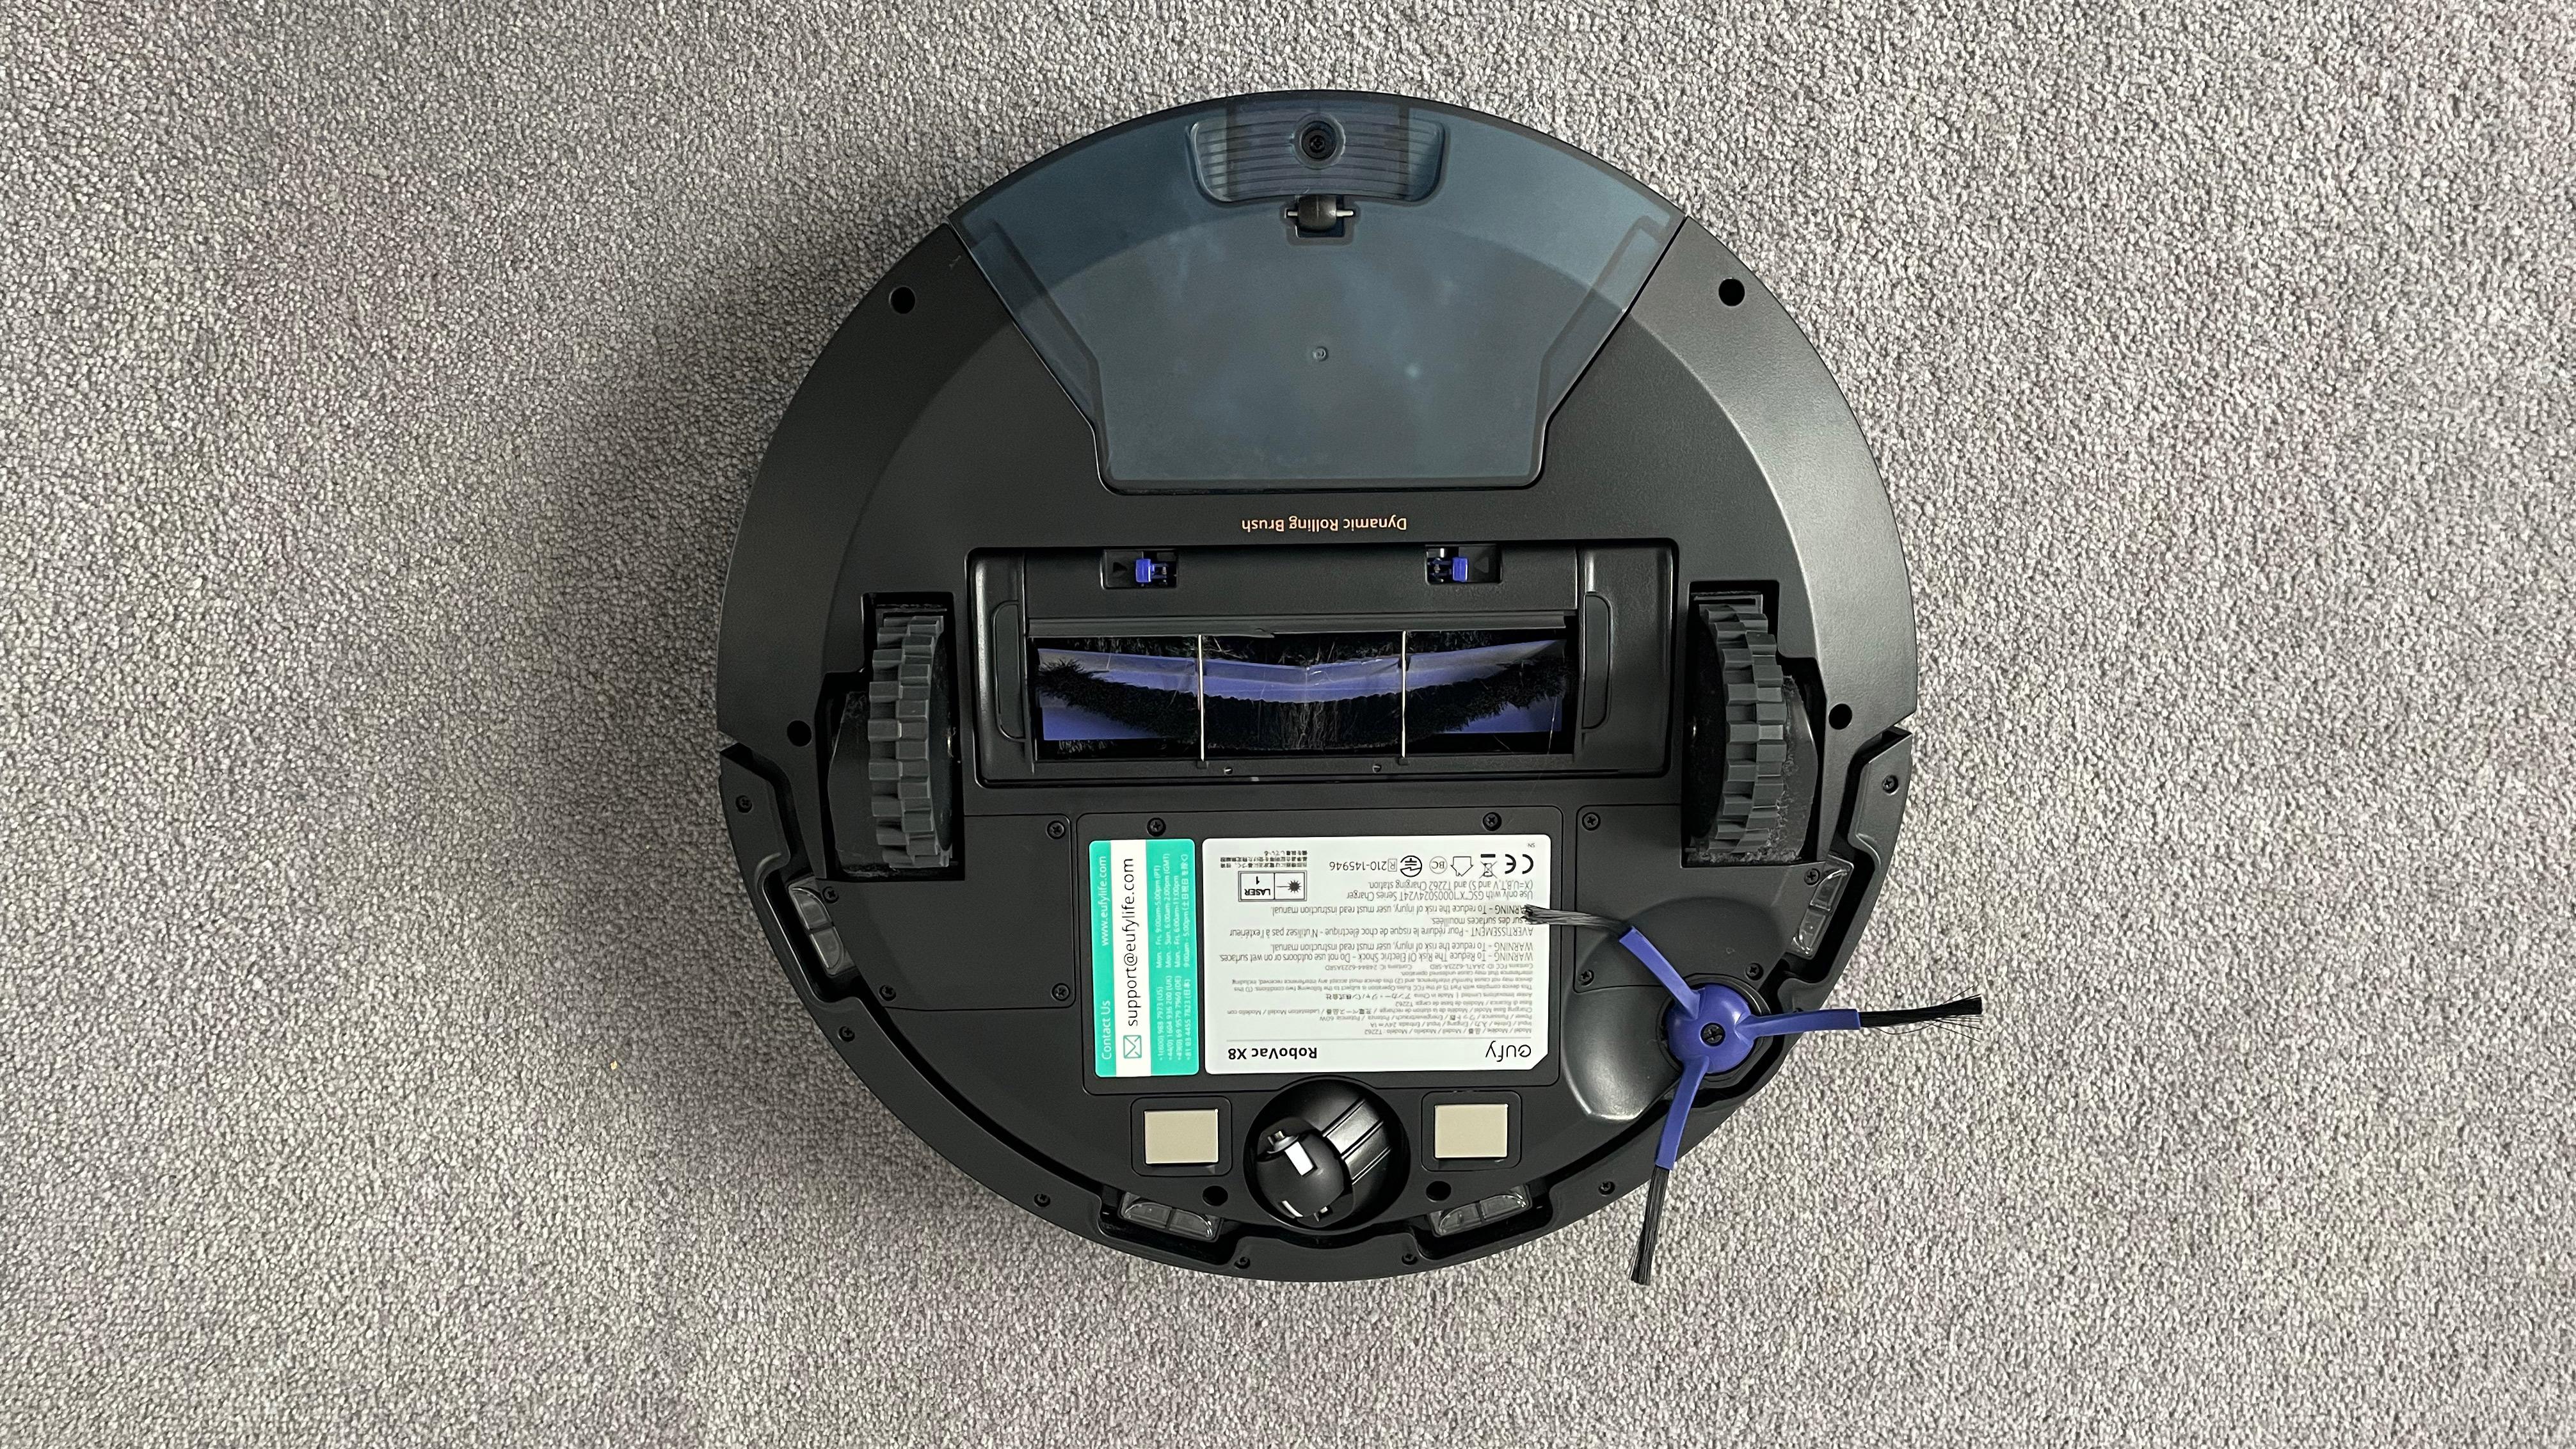 The underneath of the Eufy RoboVac X8